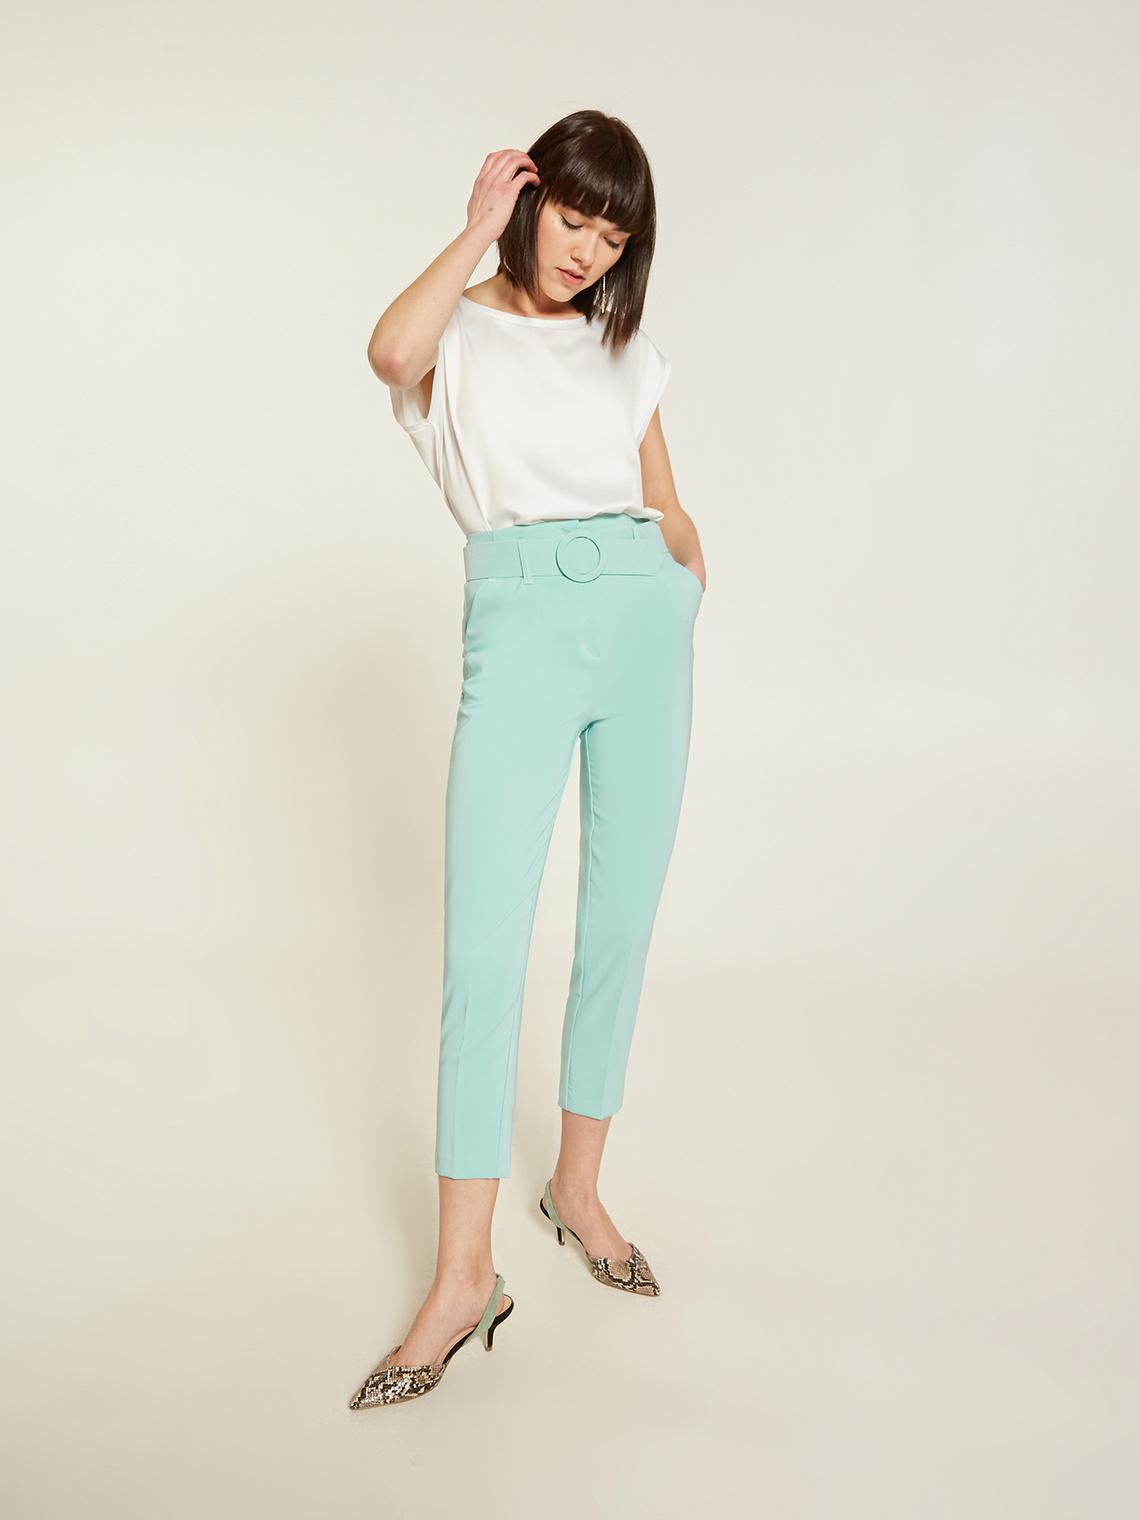 Pantaloni a vita alta color pastello e maglietta a maniche corte basic